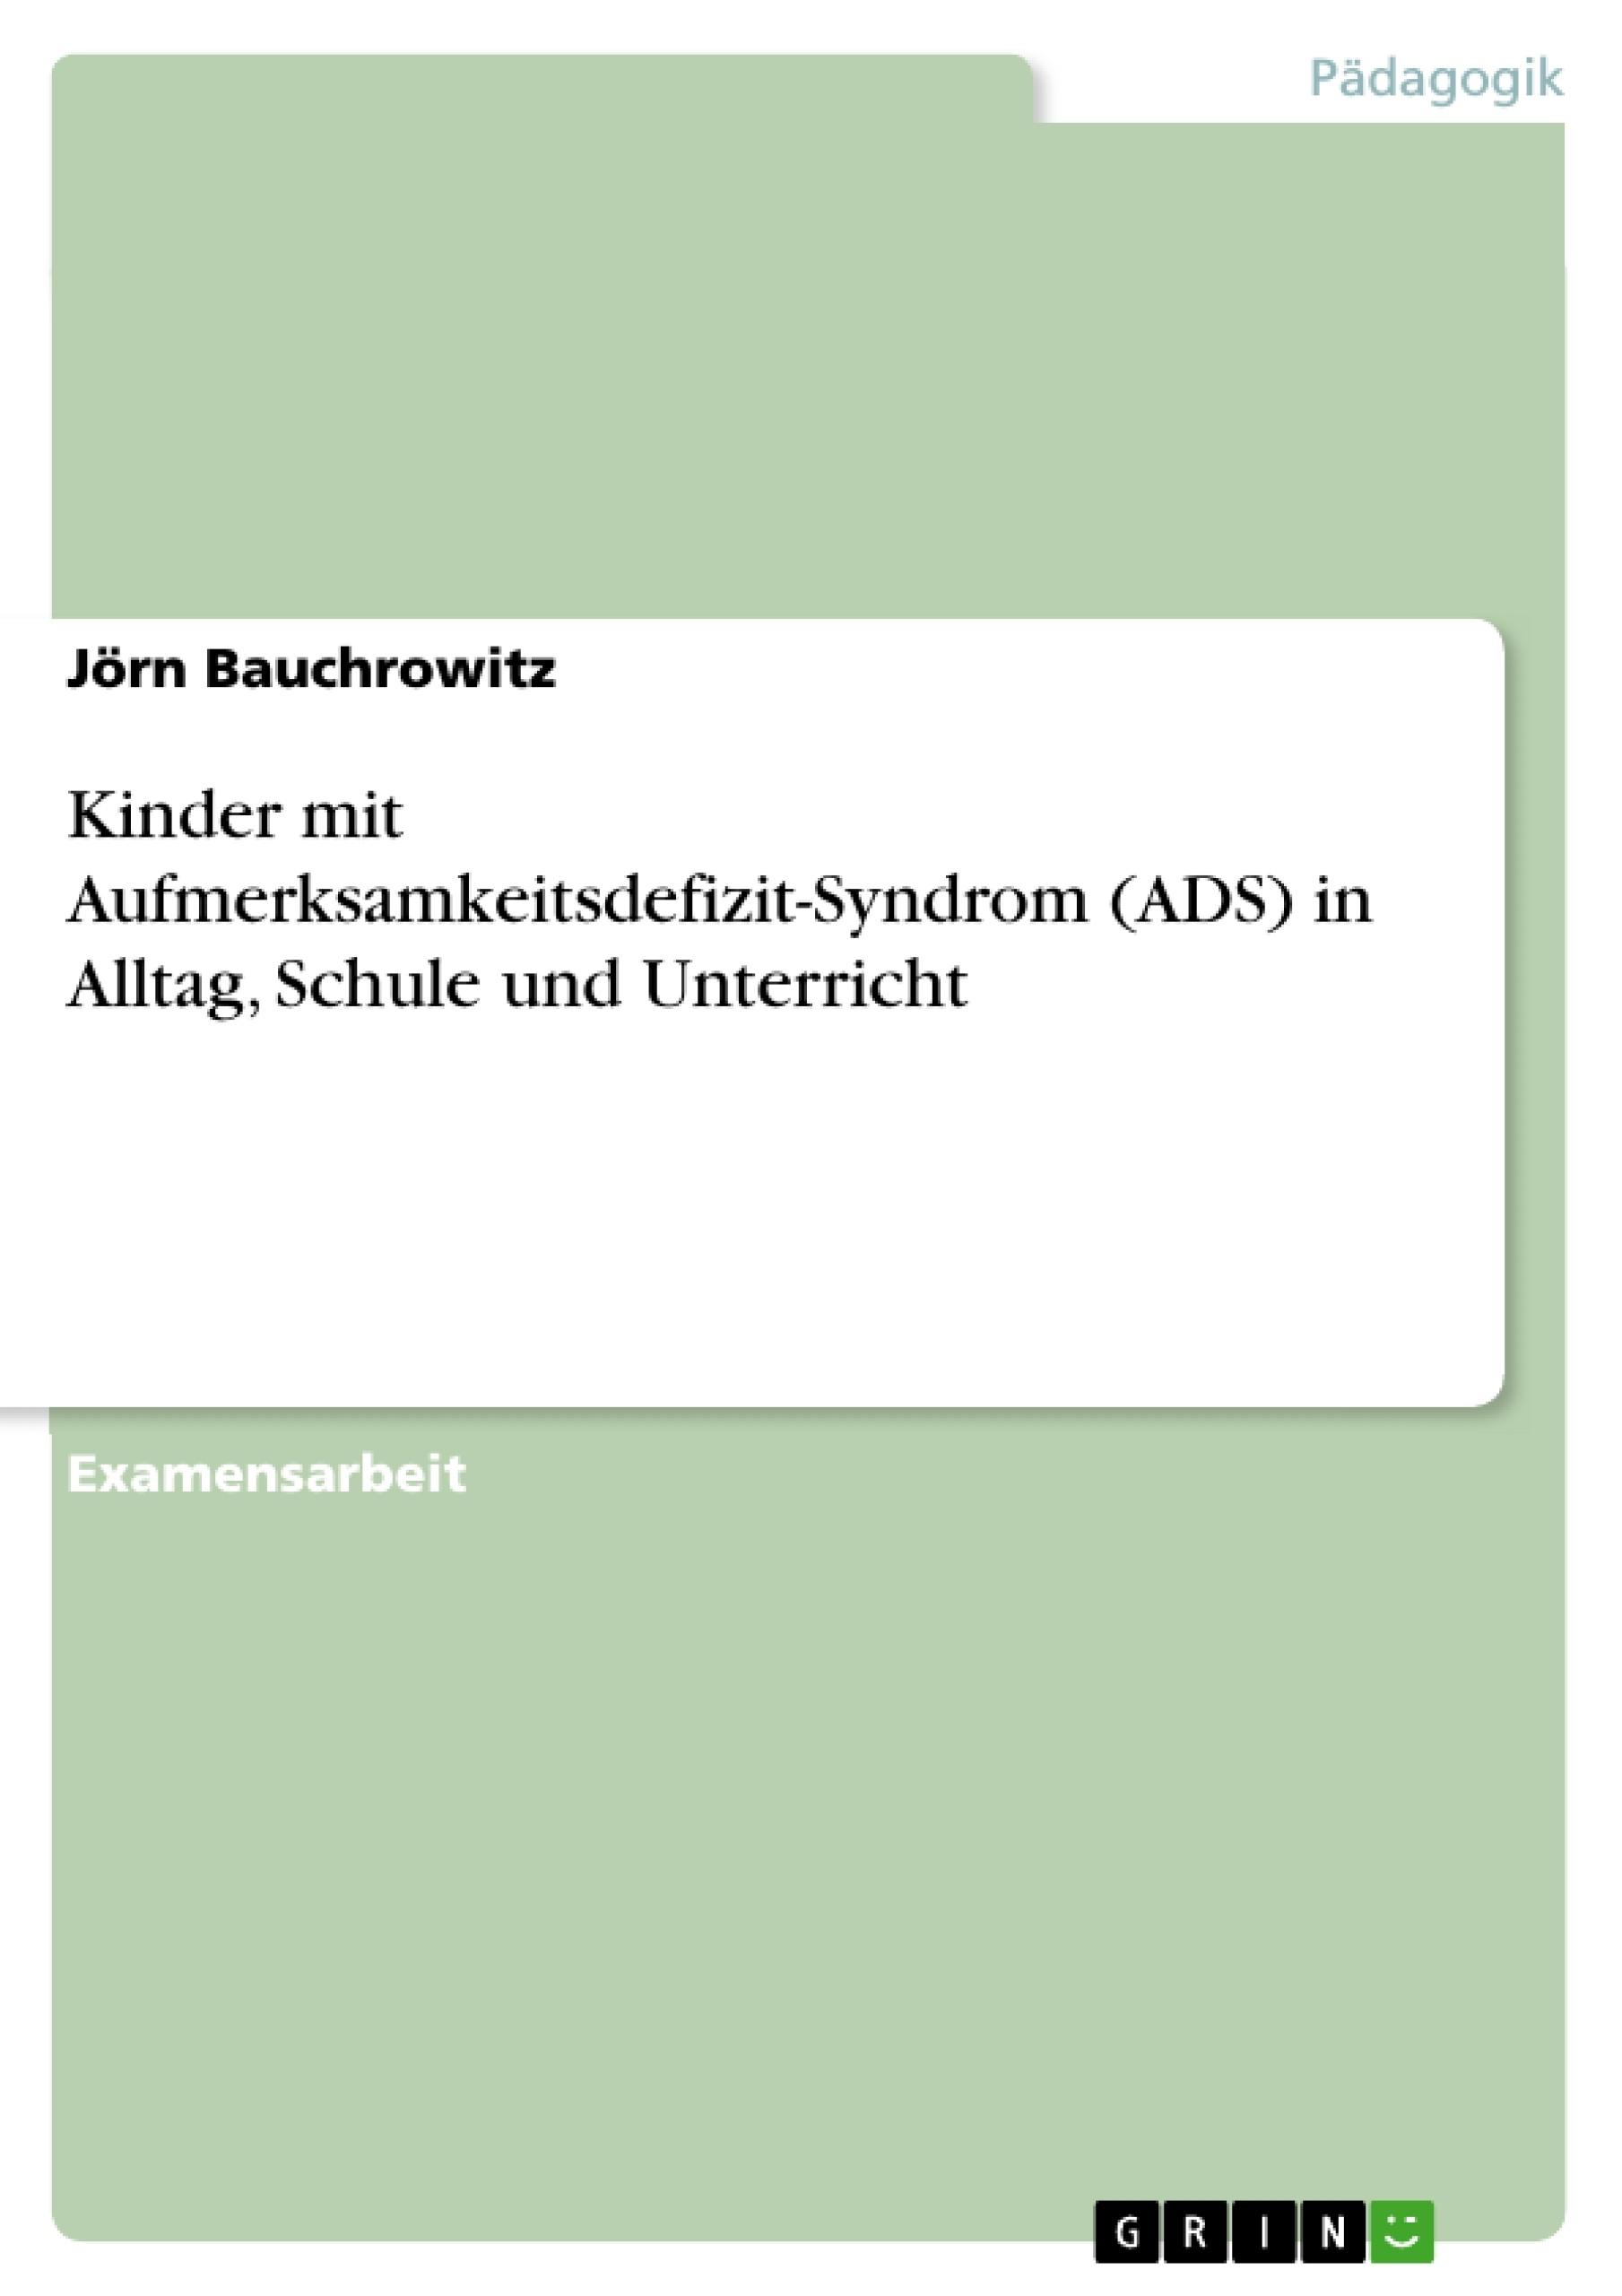 Titel: Kinder mit Aufmerksamkeitsdefizit-Syndrom (ADS) in Alltag, Schule und Unterricht